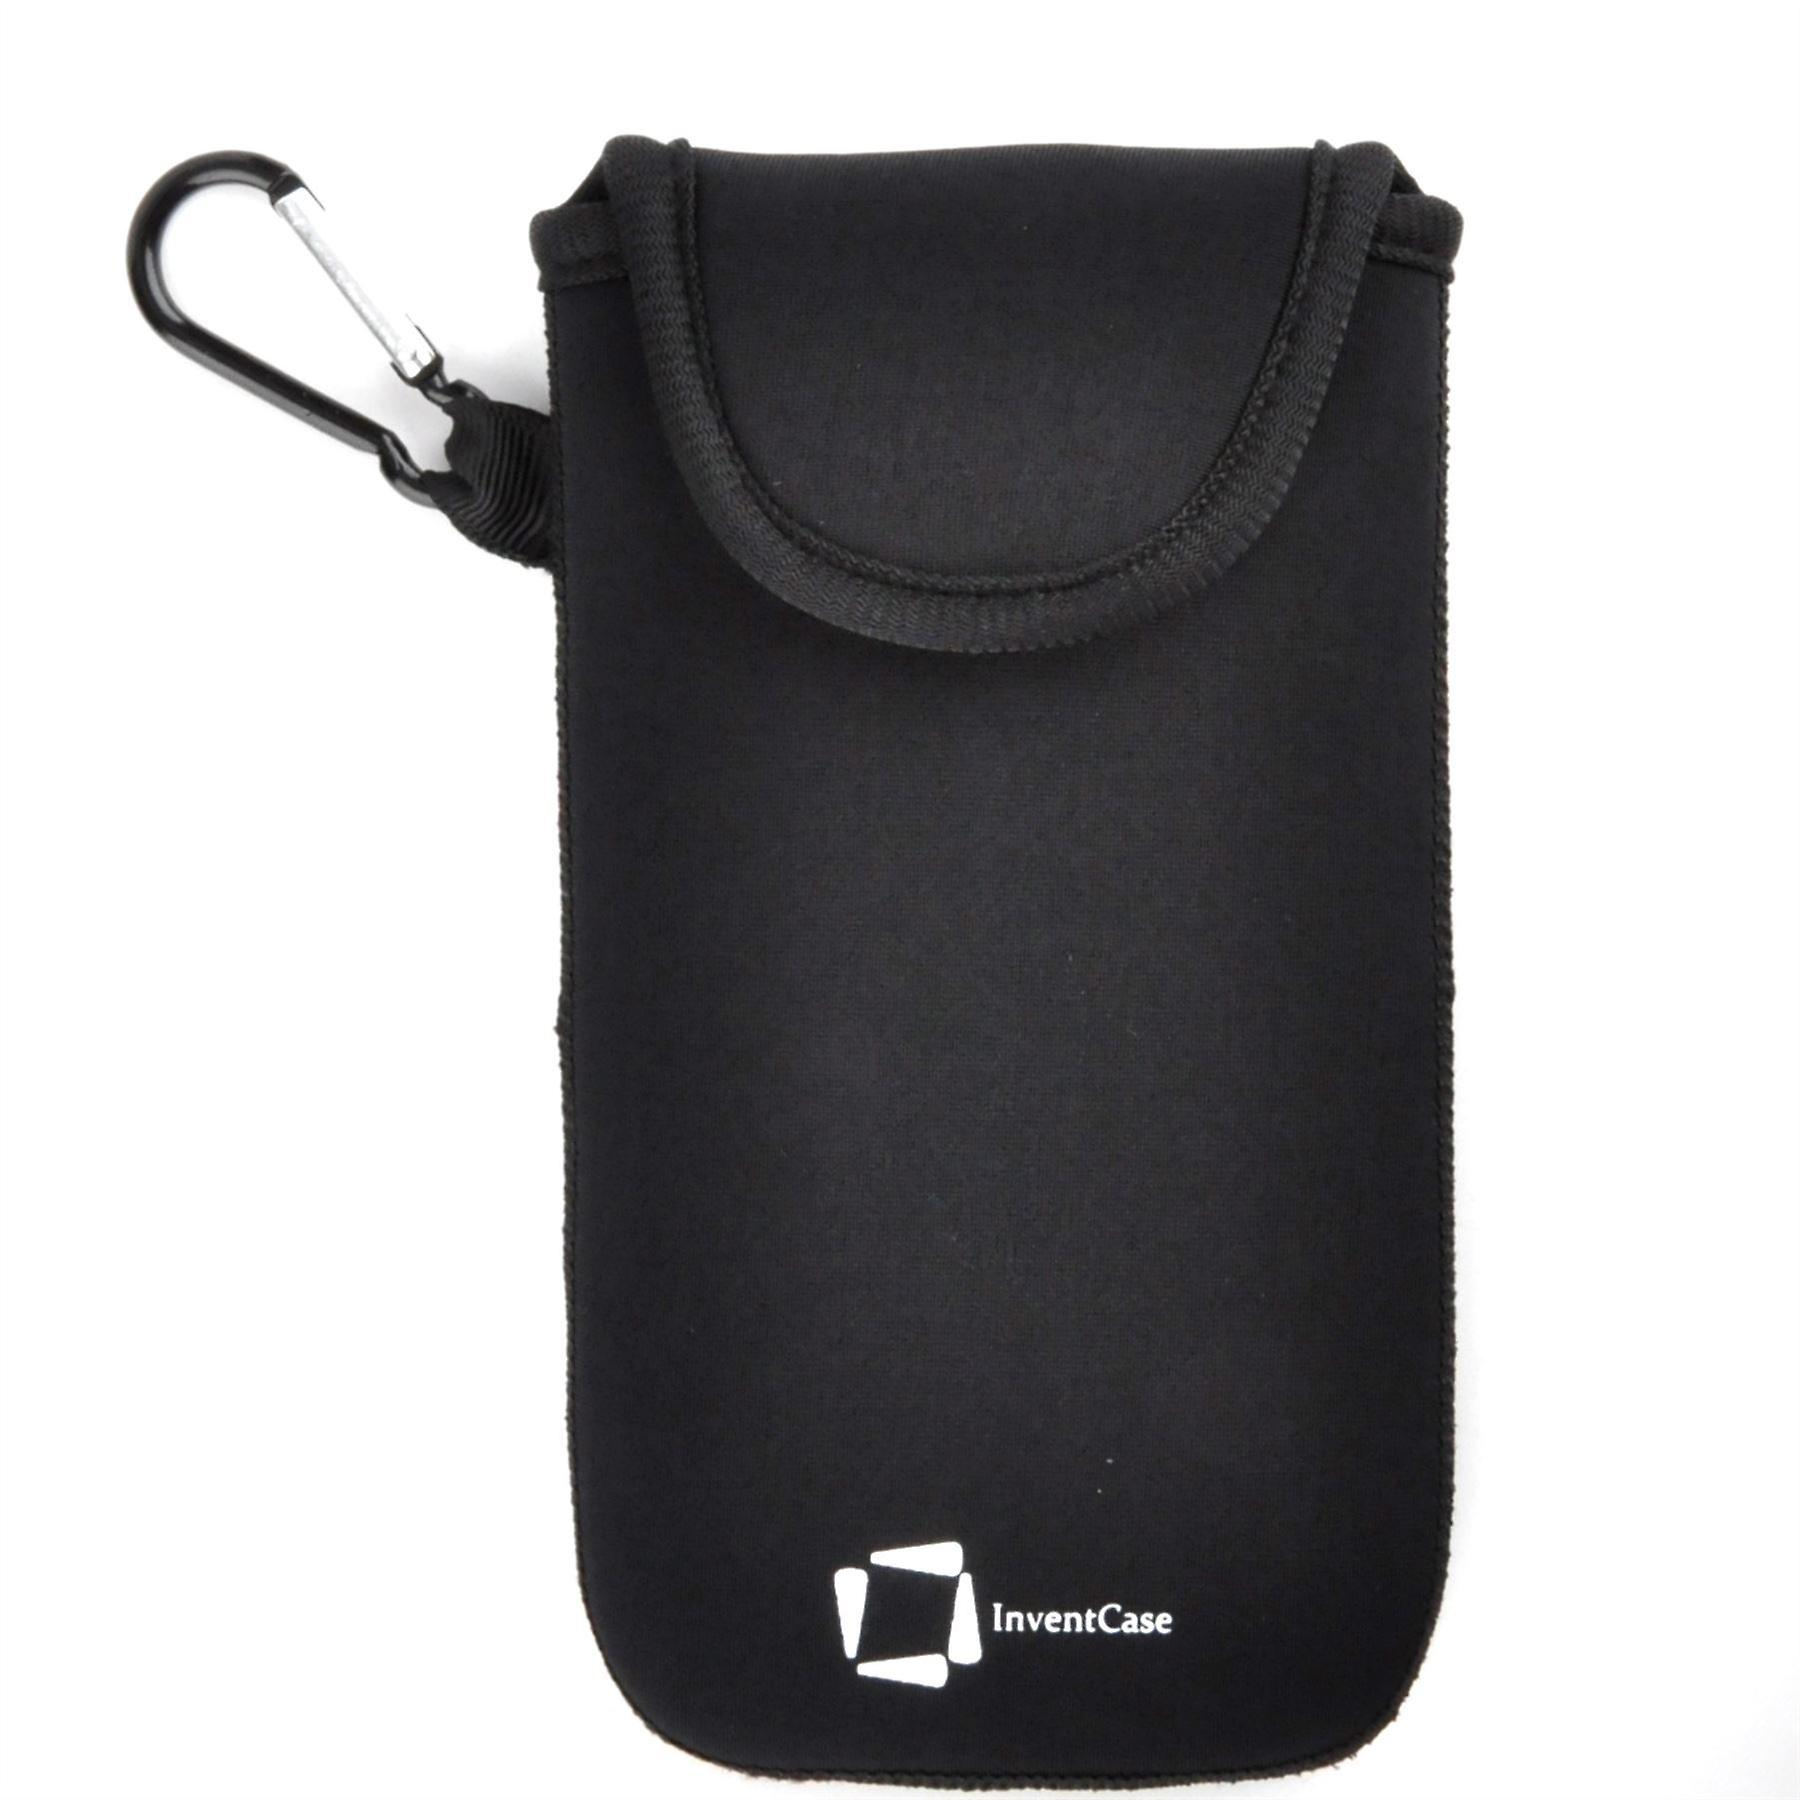 كيس تغطية القضية الحقيبة واقية مقاومة لتأثير النيوبرين إينفينتكاسي مع إغلاق Velcro و Carabiner الألومنيوم للاتفاق سوني إريكسون Z3-أسود